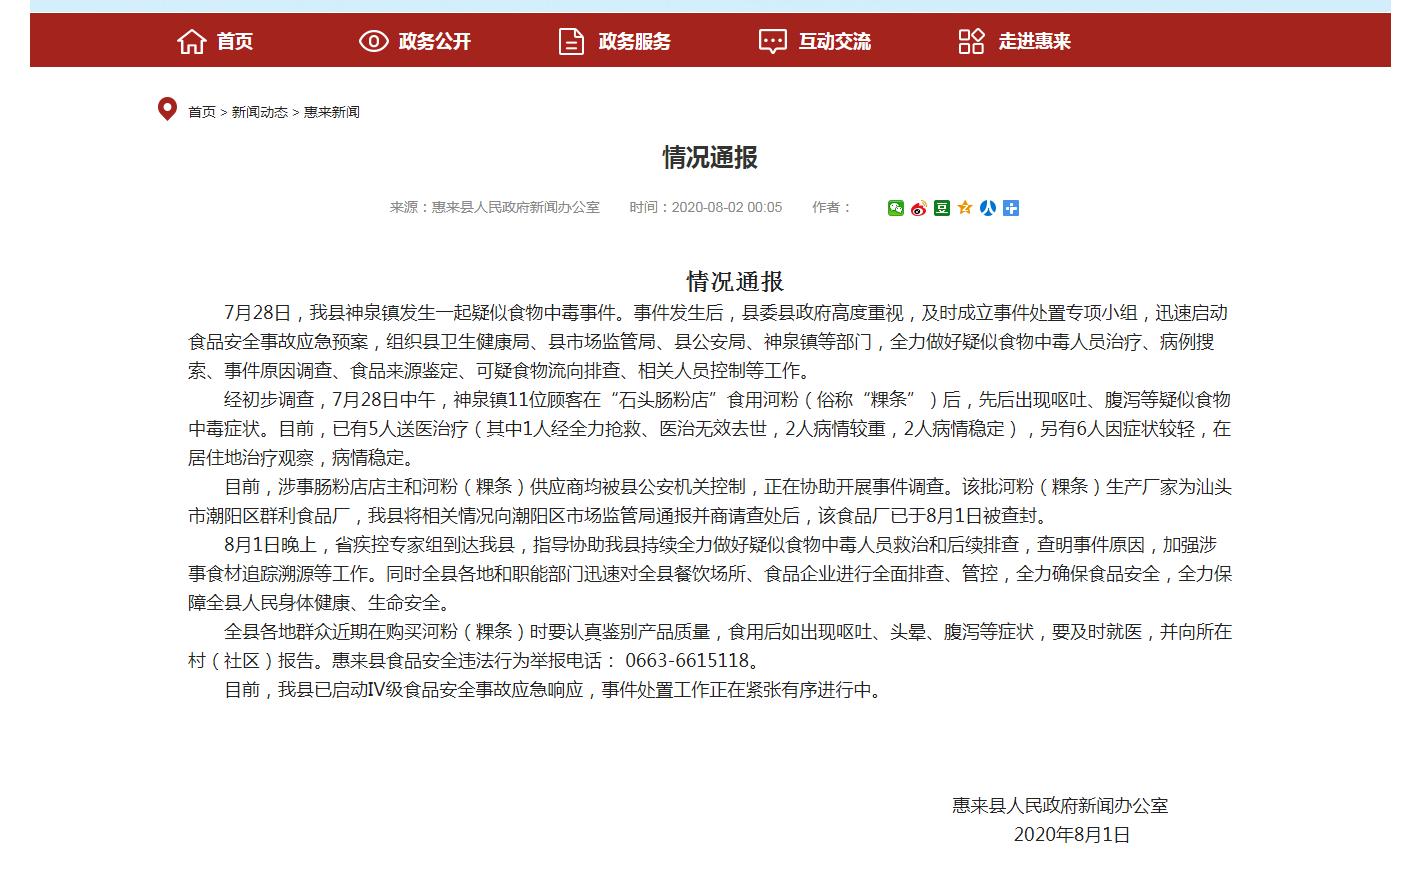 疑似食品中毒事件造成1人死亡4人送医治疗 惠来县人民政府官网 图